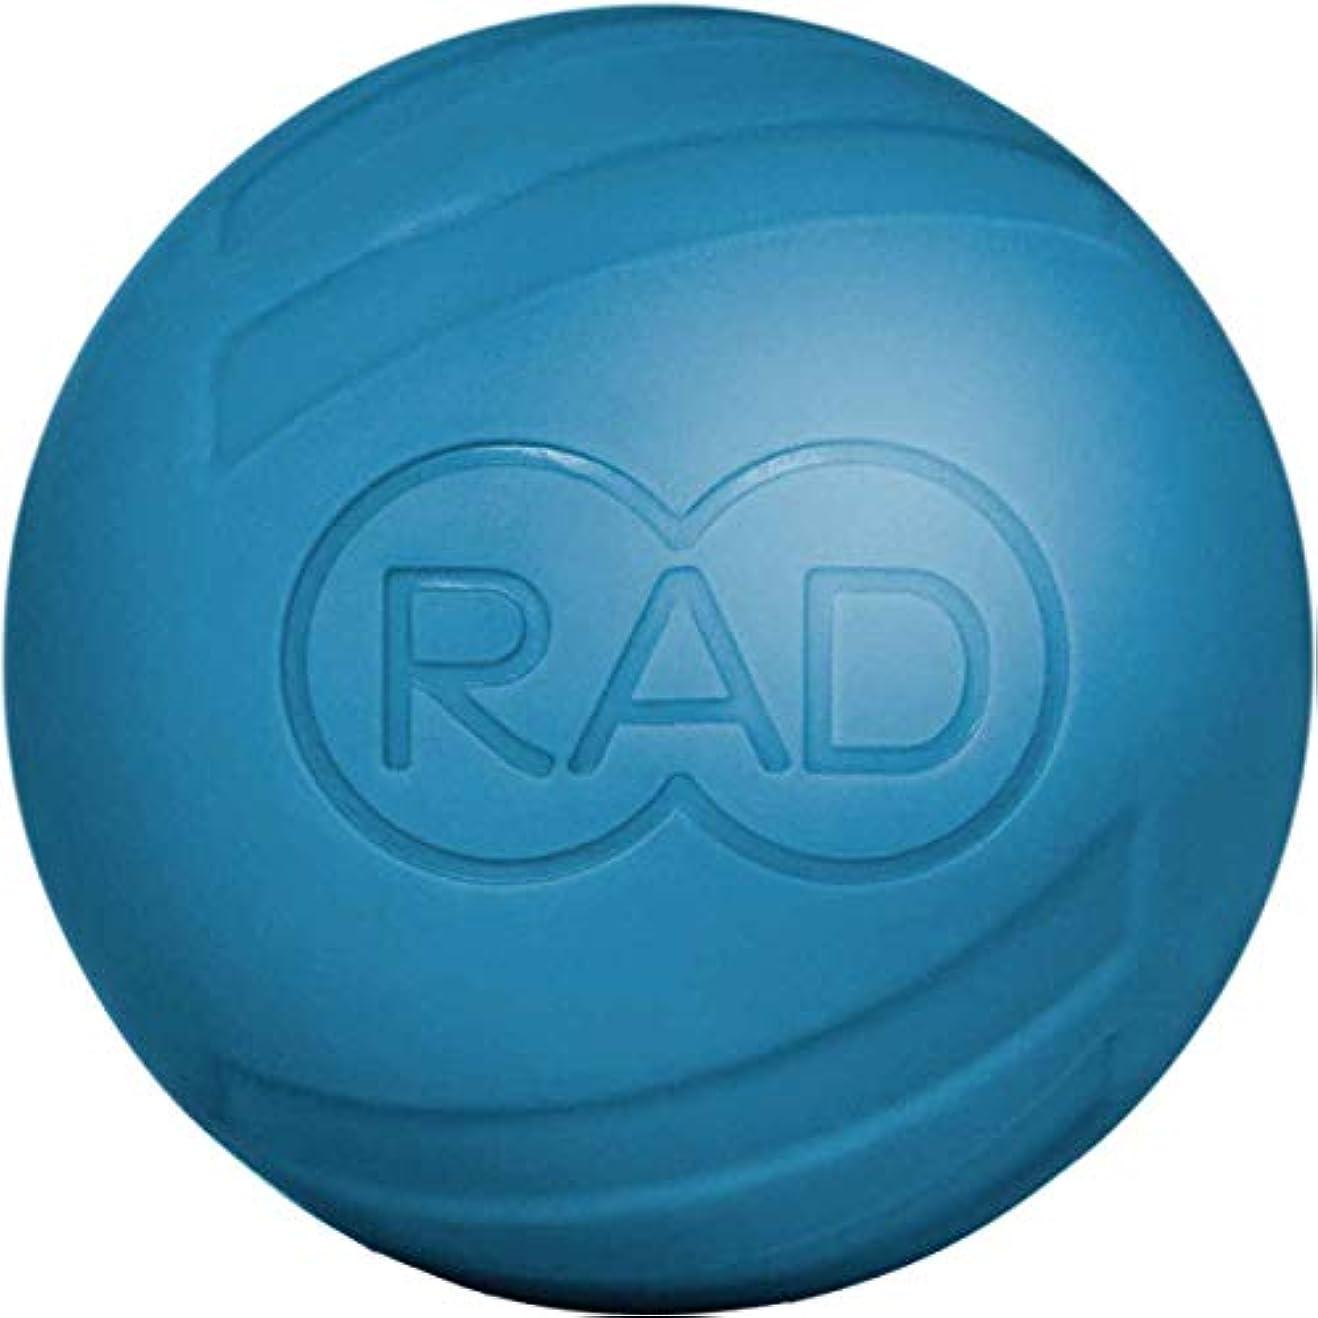 無駄だ略奪統計RAD アトム 高密度筋膜リリースツール セルフマッサージで可動性と回復を促します